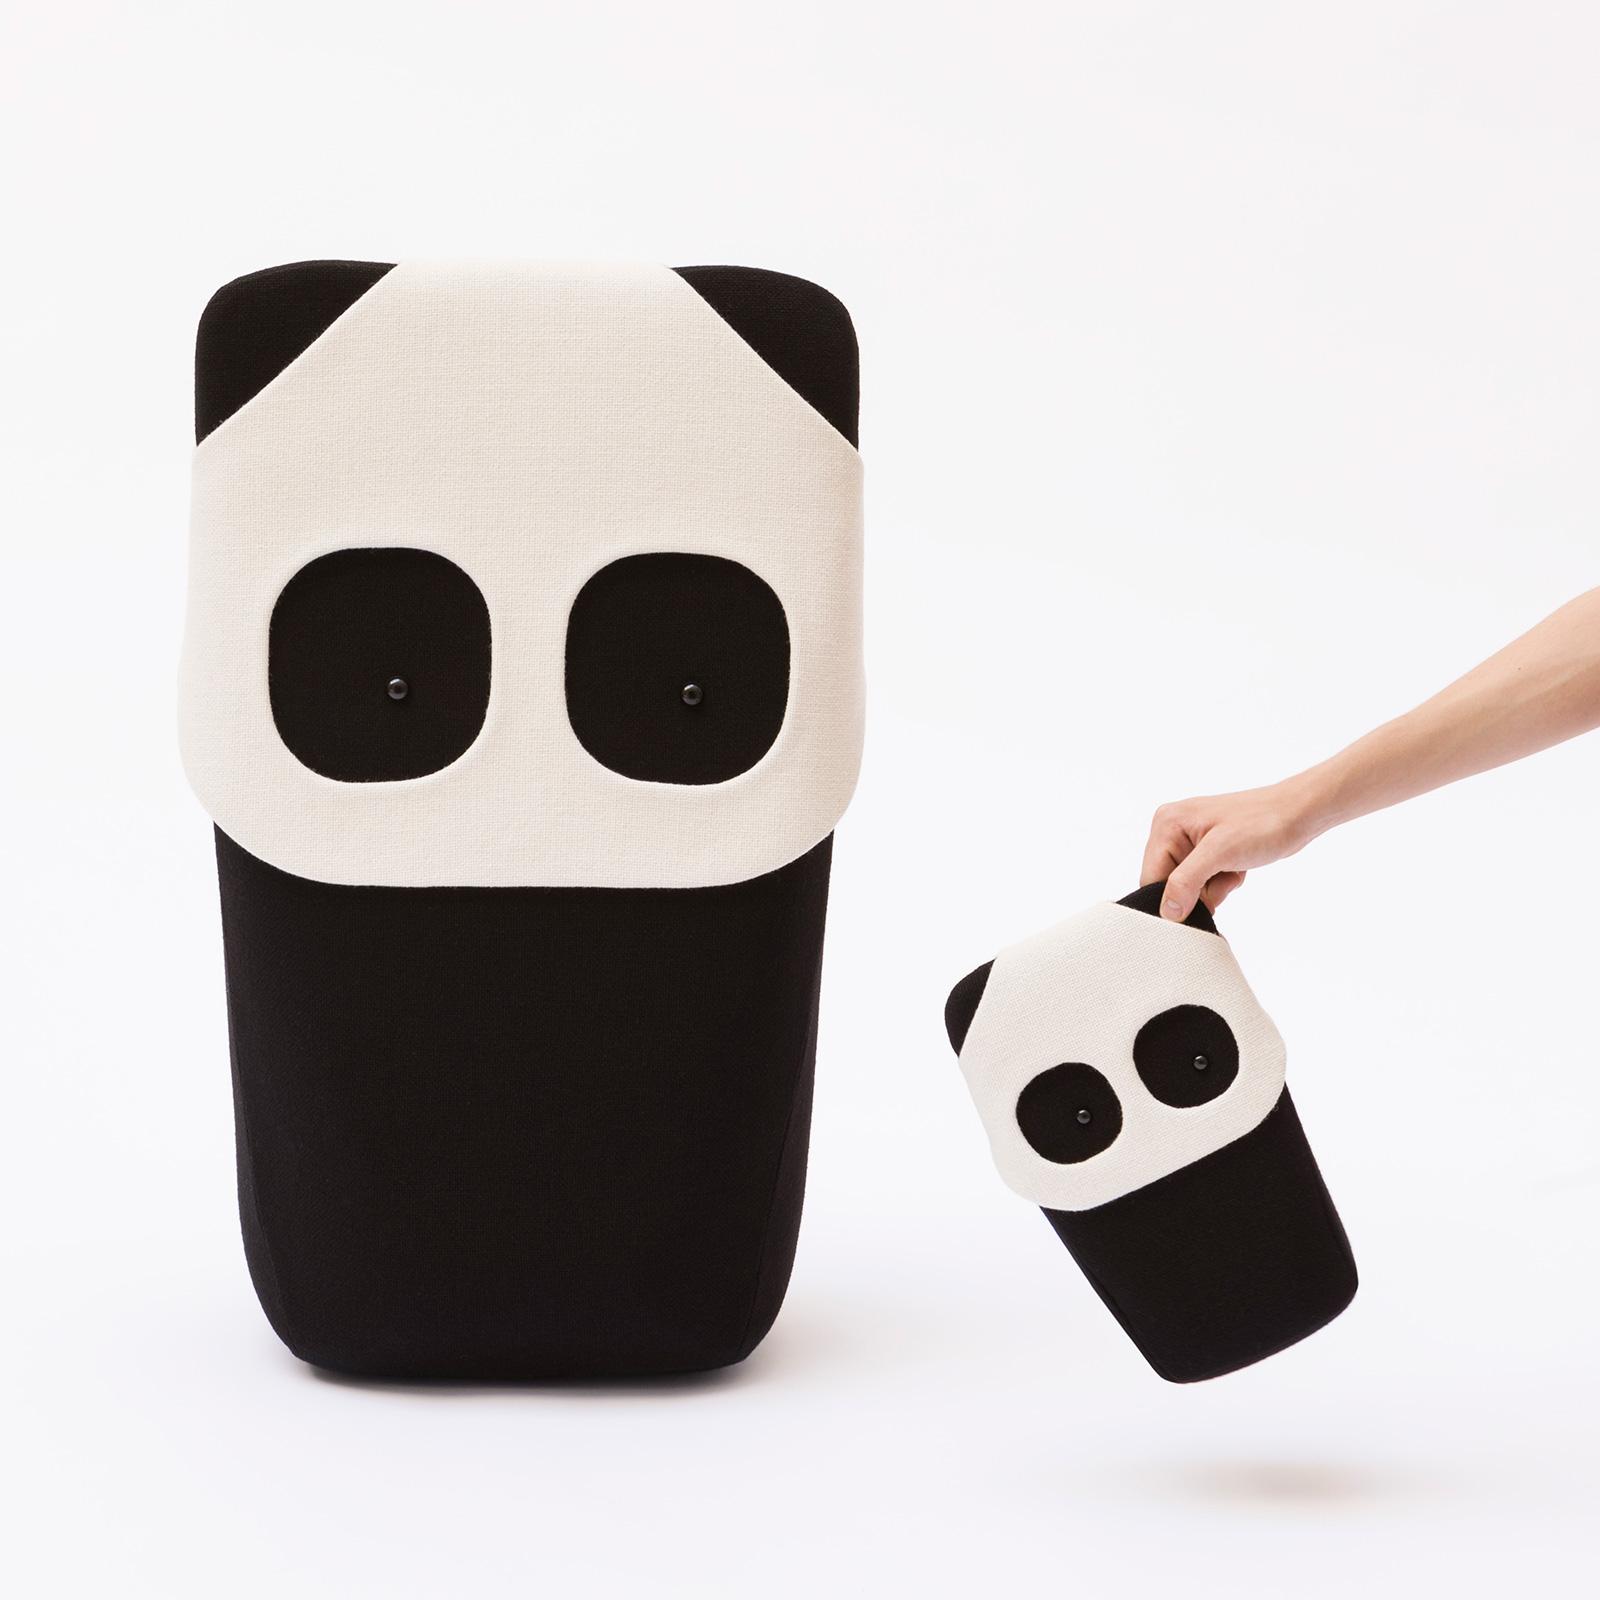 Large Panda and Mini Panda